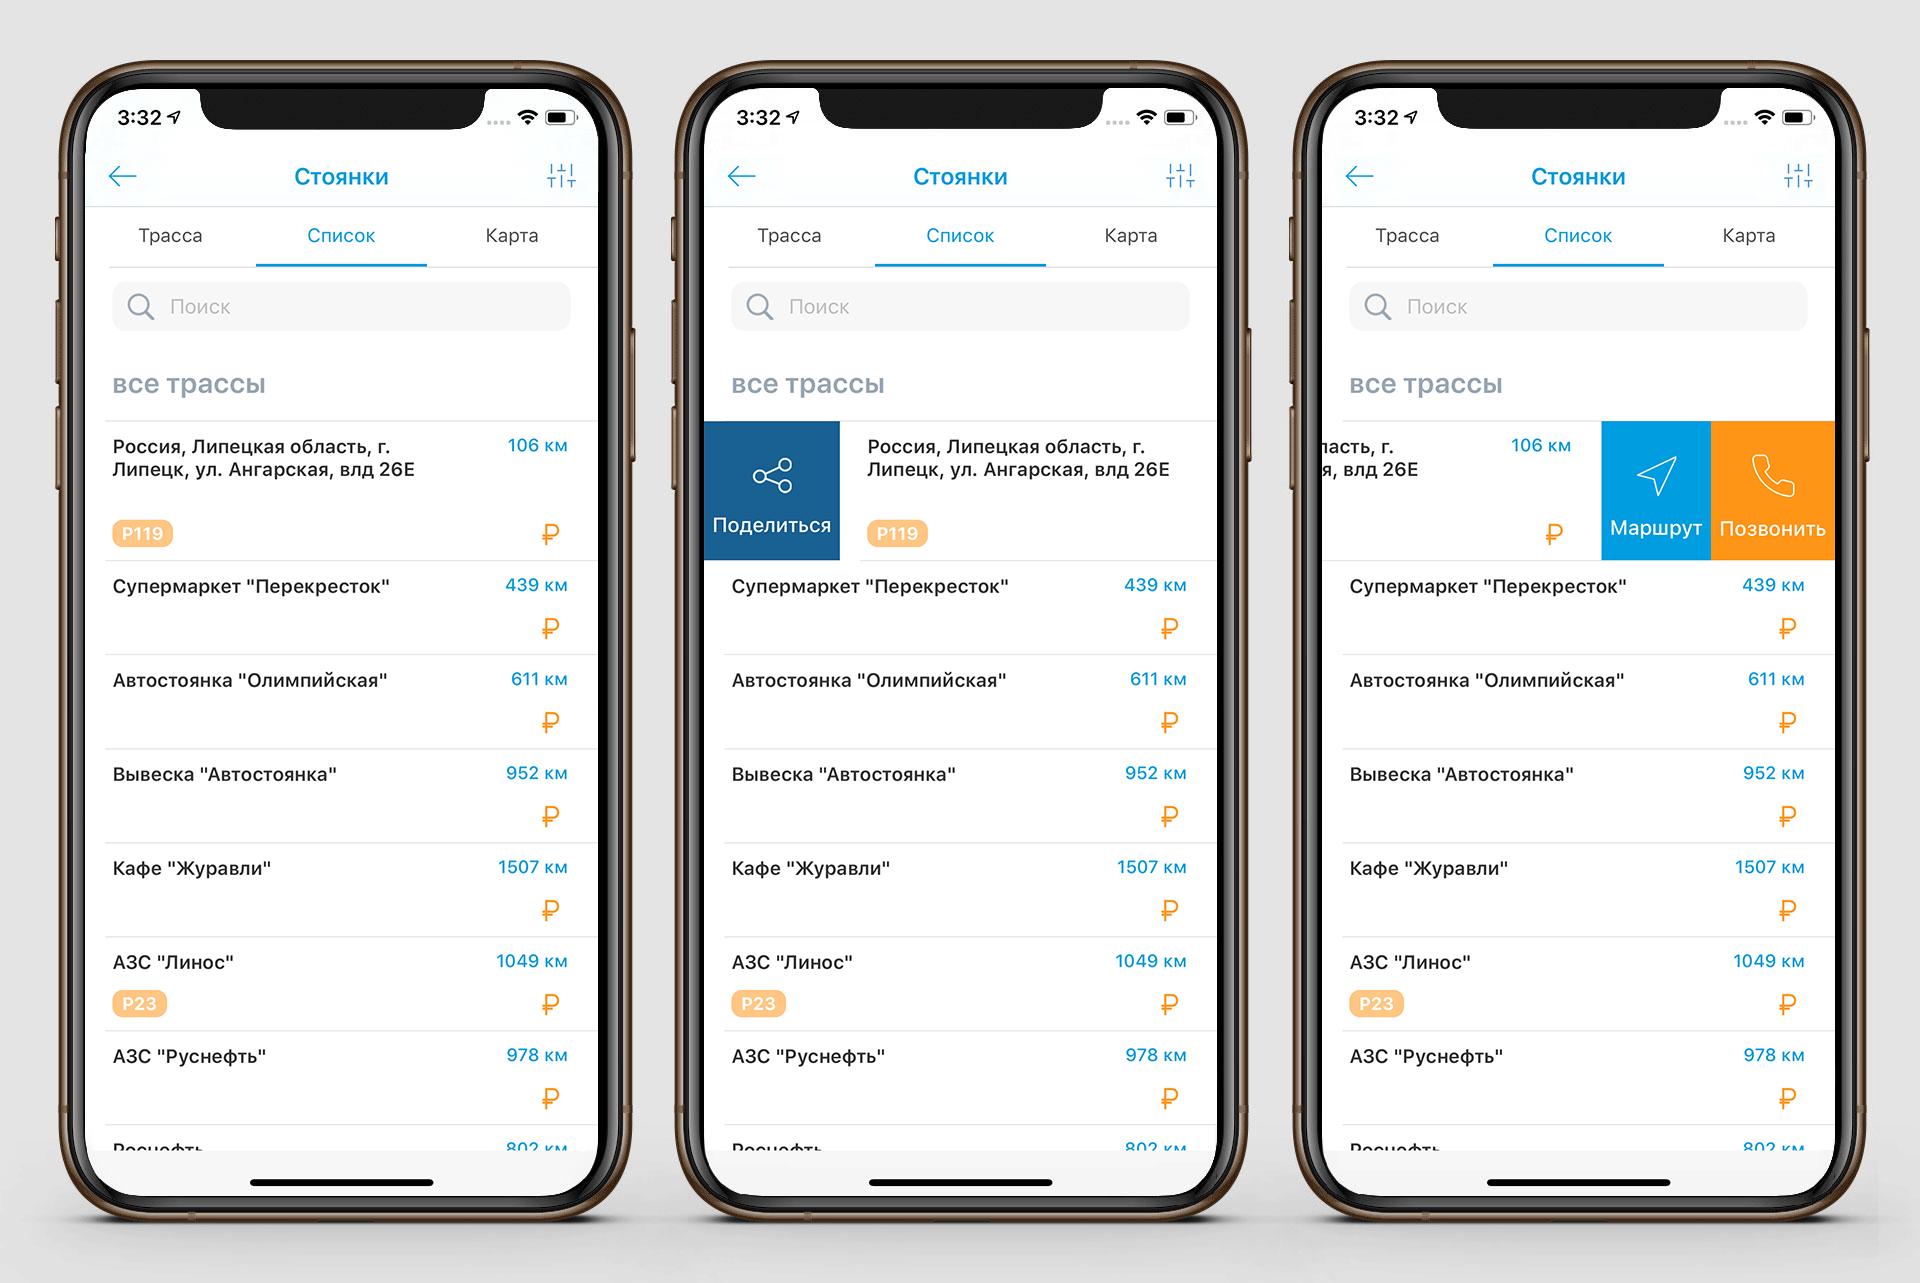 Действия свайпом в приложении MTS для iOS